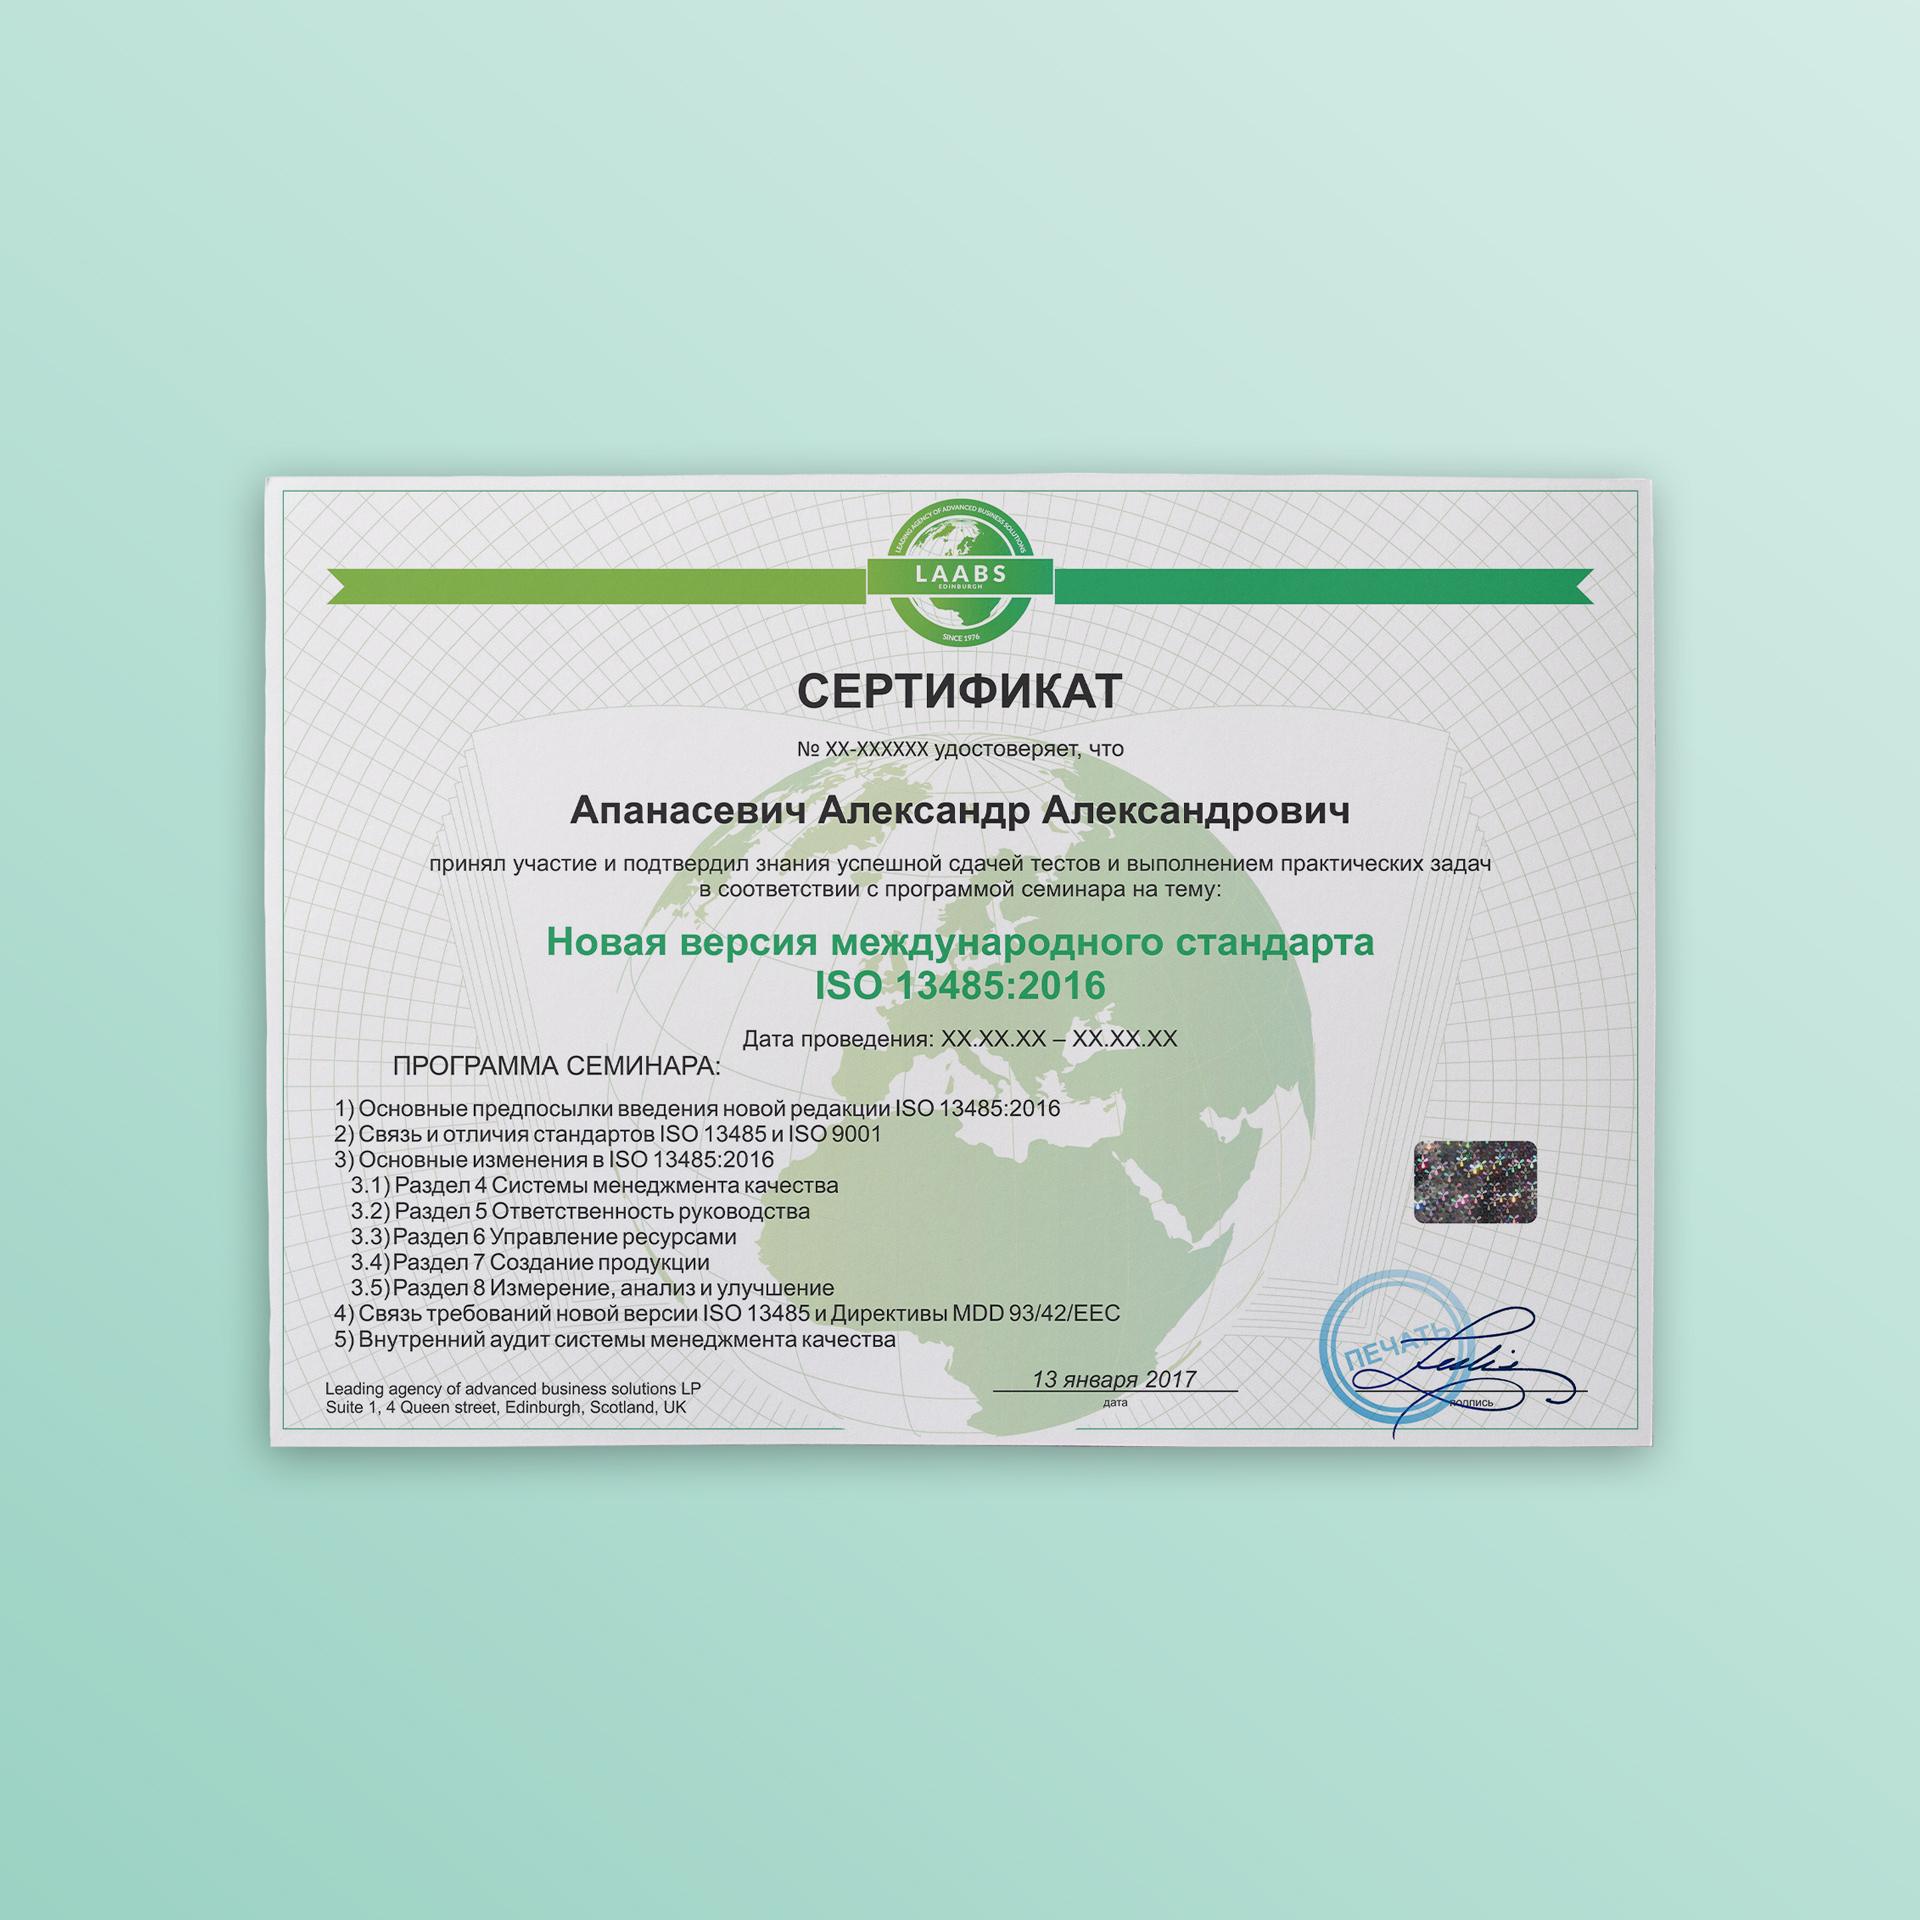 Необходимо разработать дизайн 3 сертификатов фото f_352587cb2f0b7912.jpg